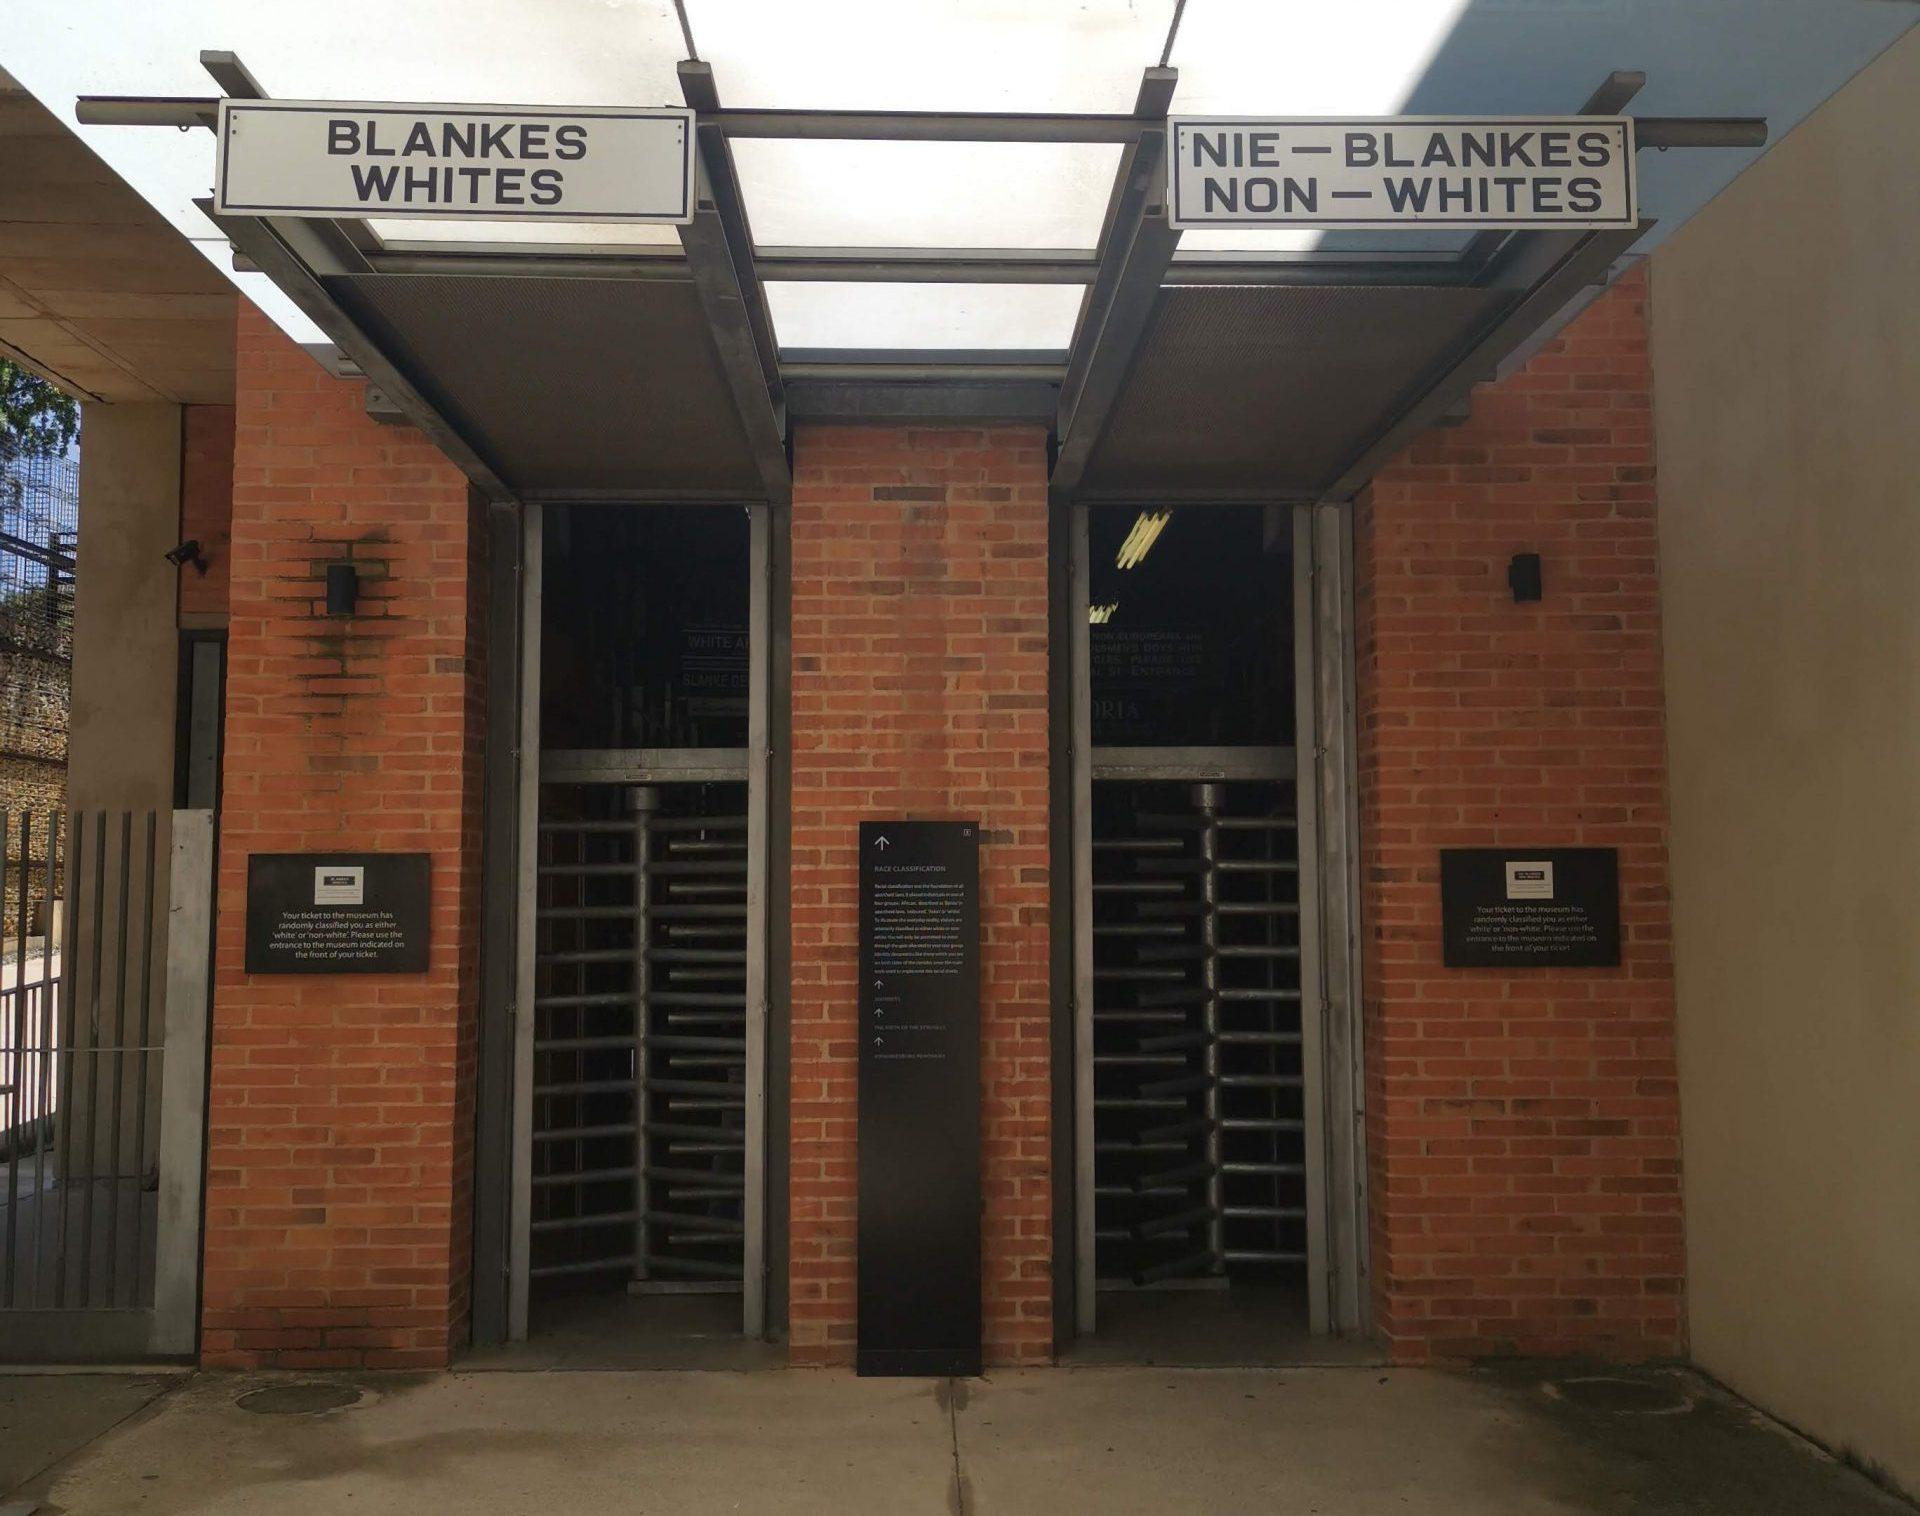 南アフリカのアパルトヘイト博物館の入り口の写真